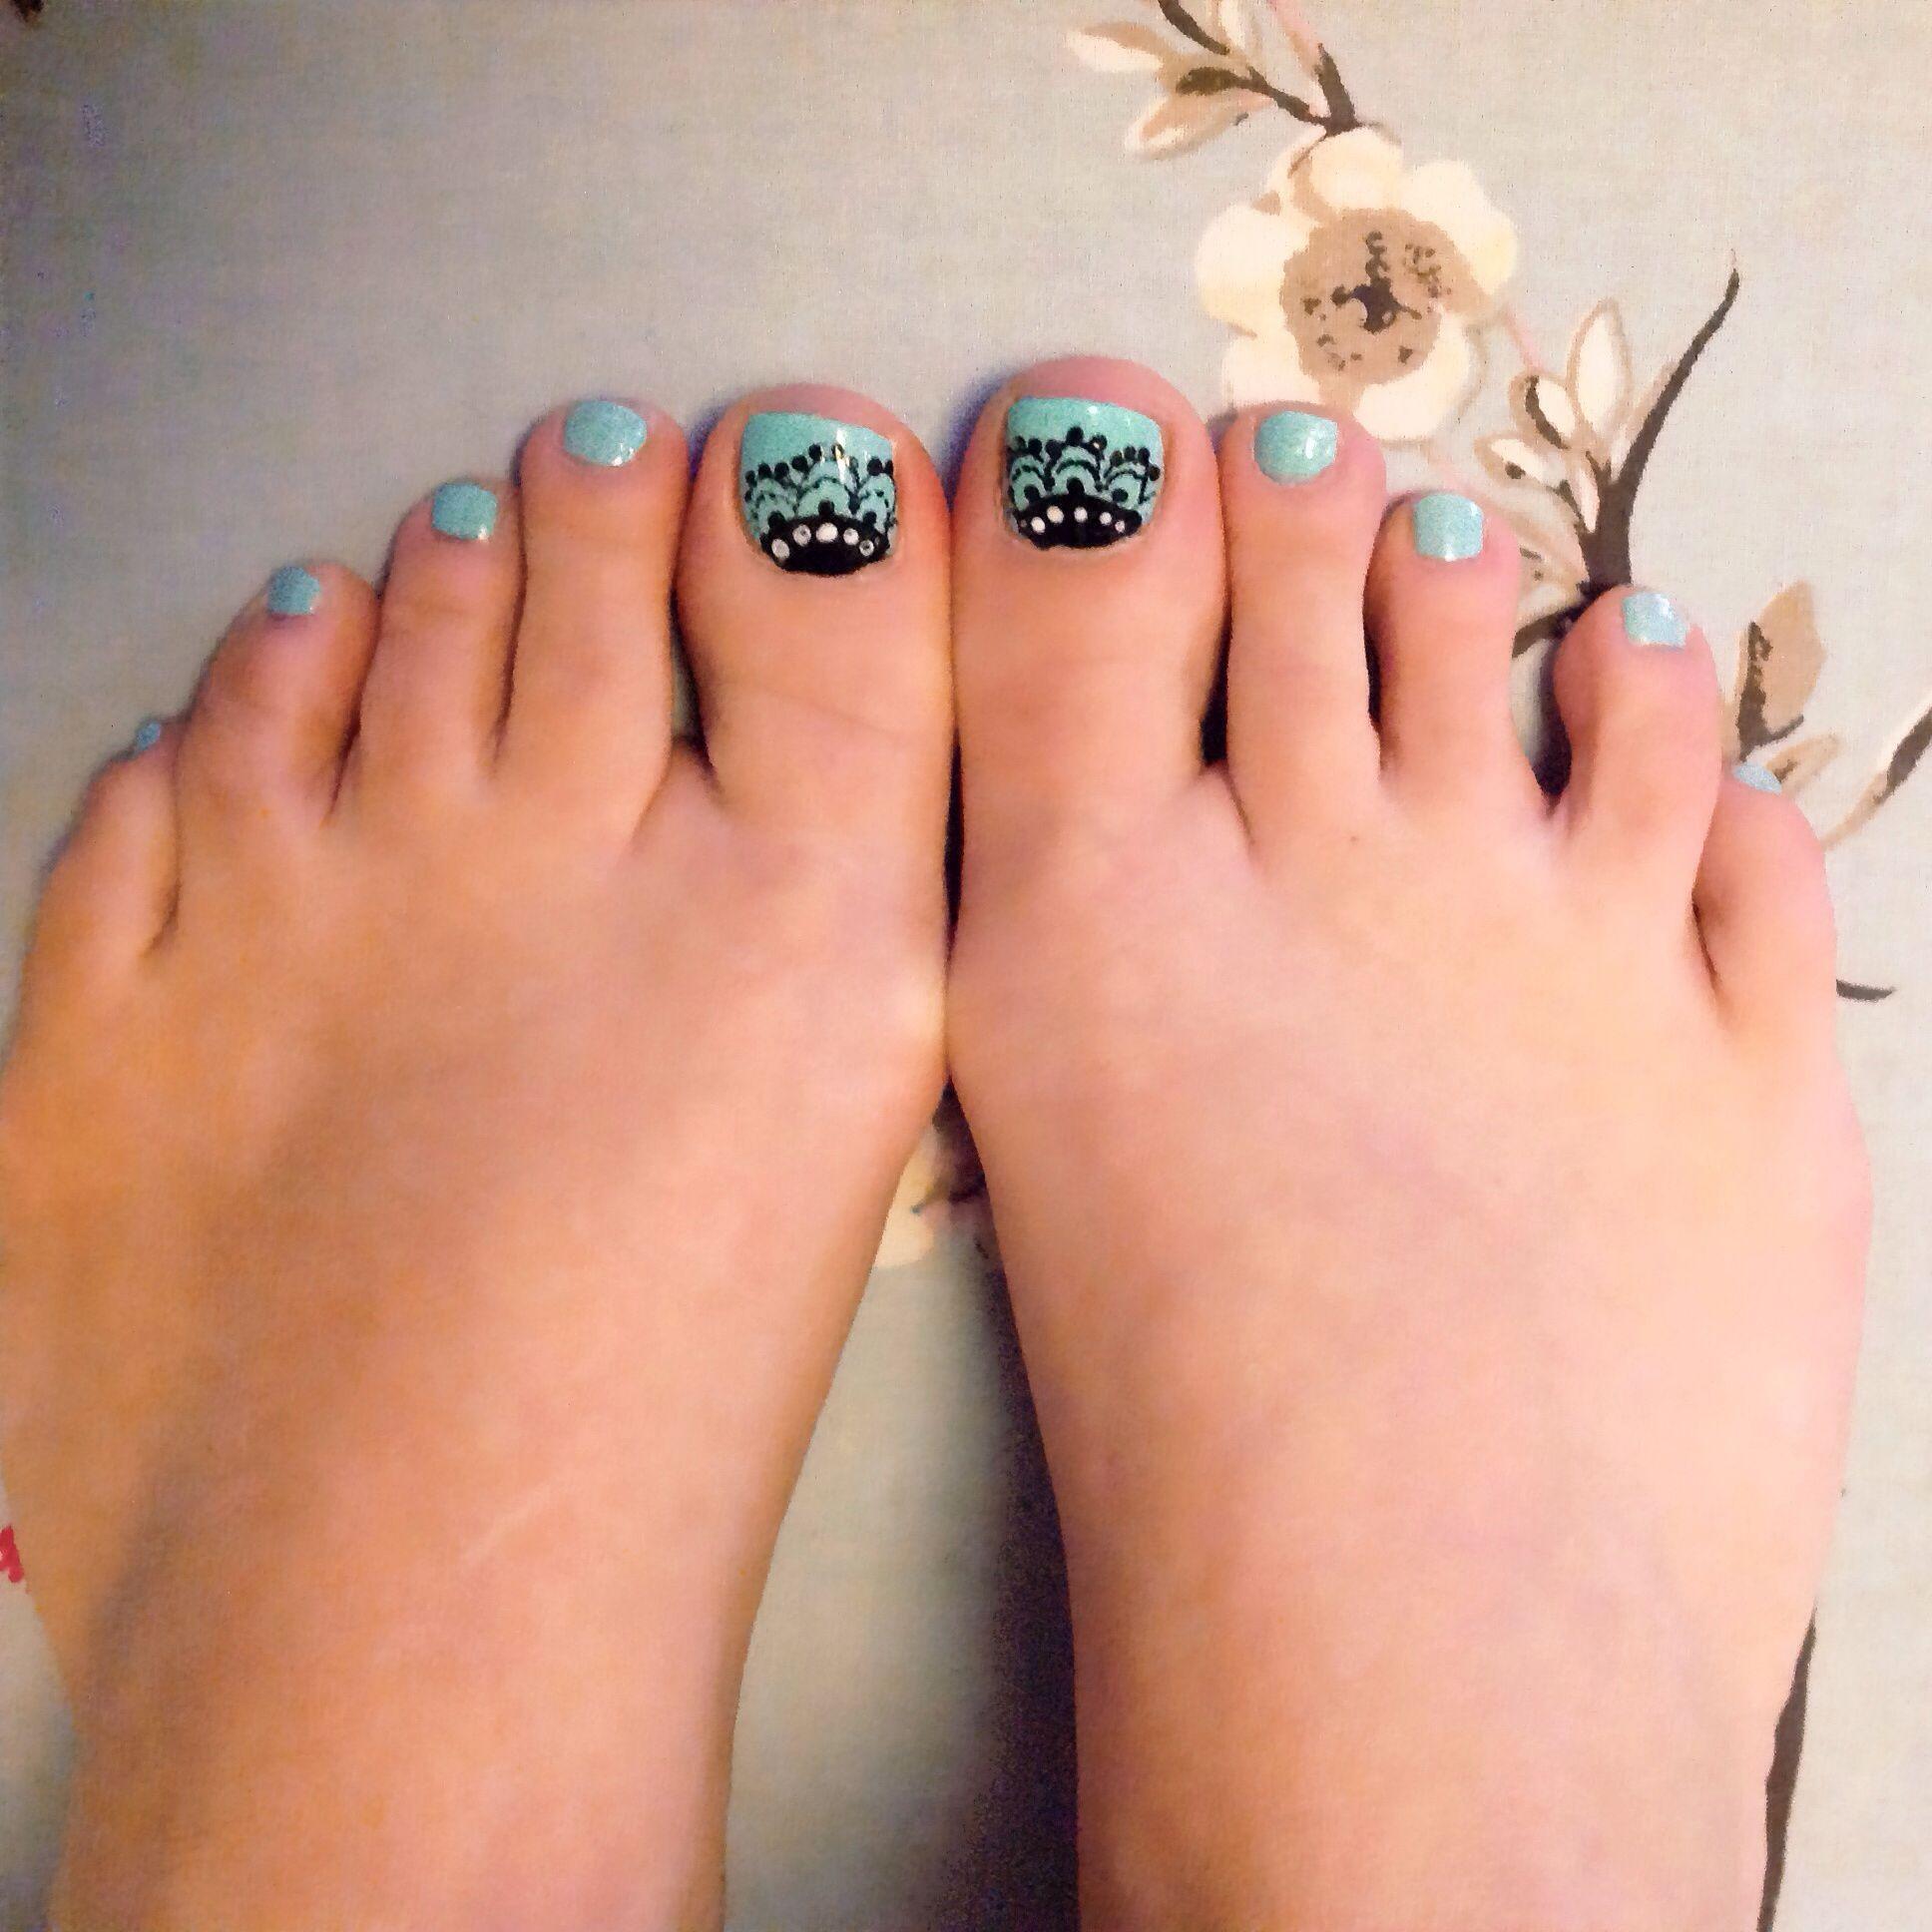 Lace Effect Nail Art On My Toes Using Basic Nail Polish Pedicura